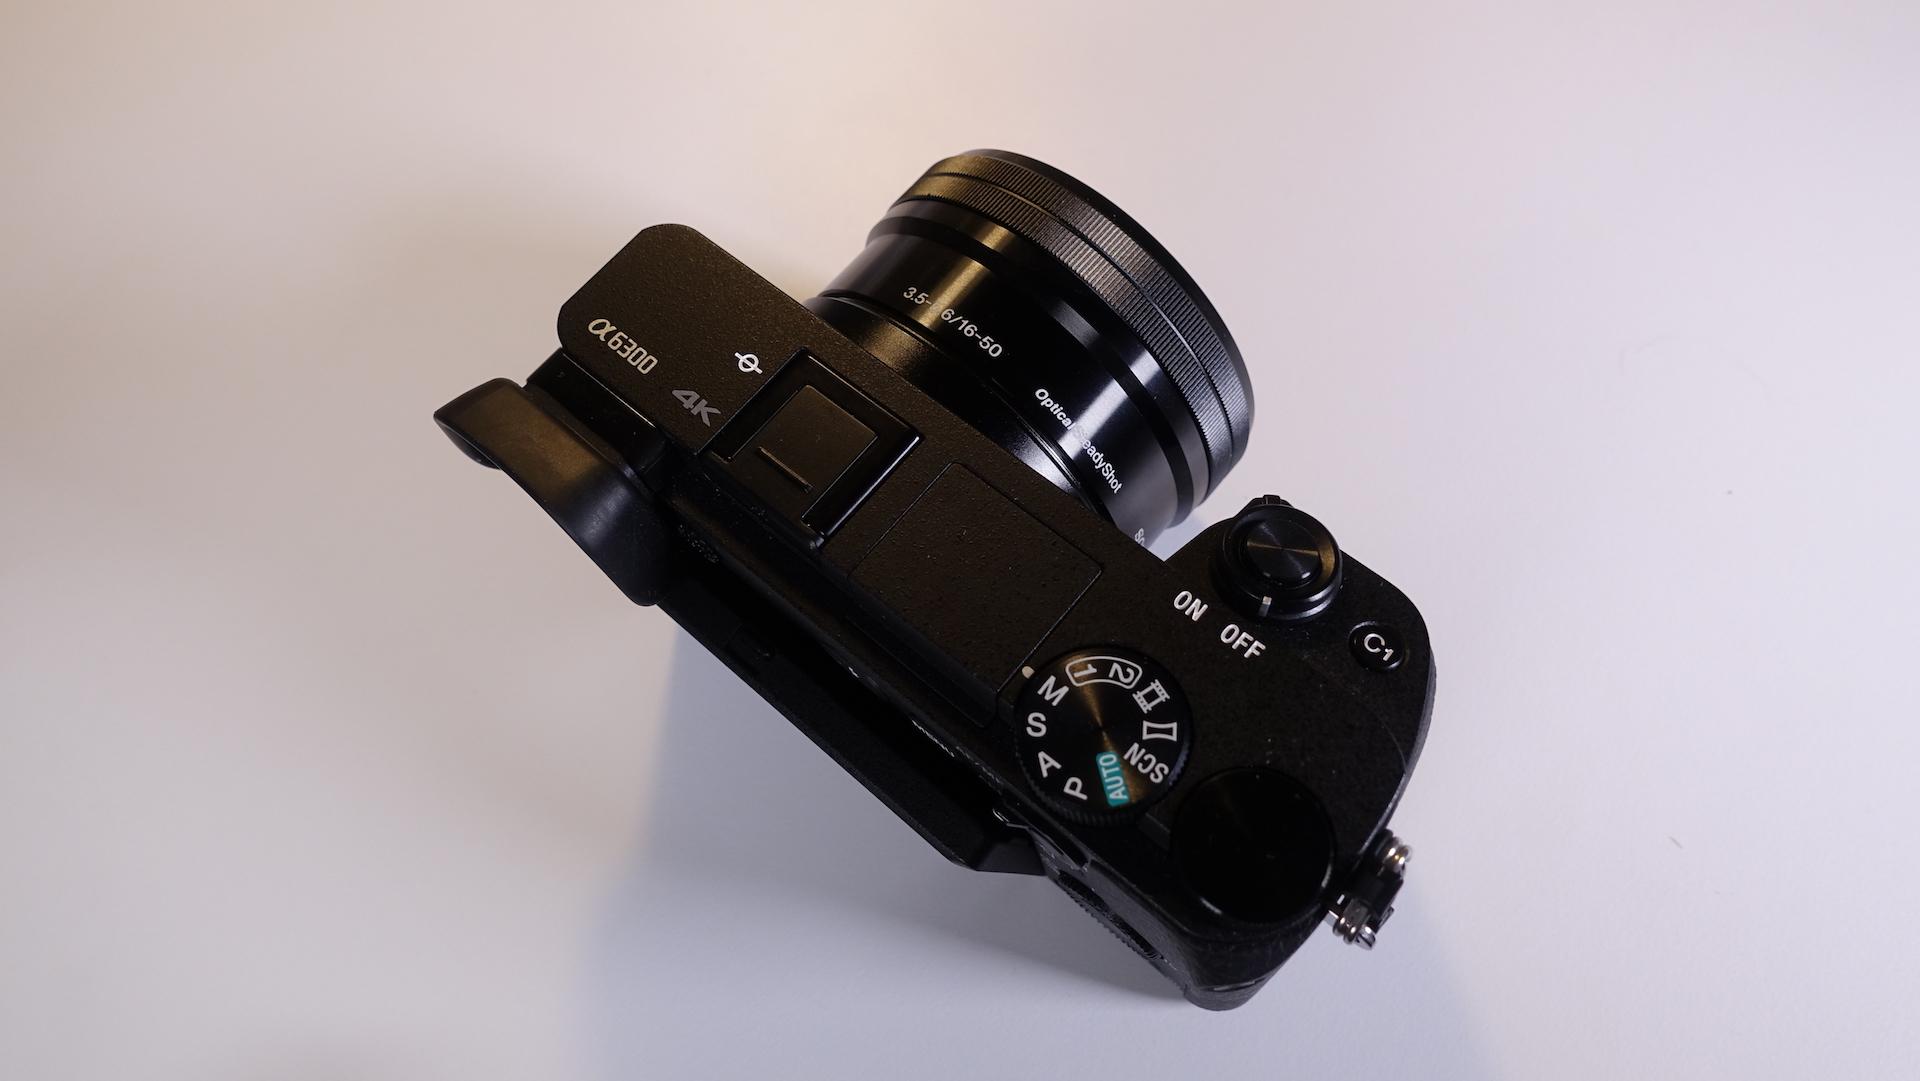 OSS a6300